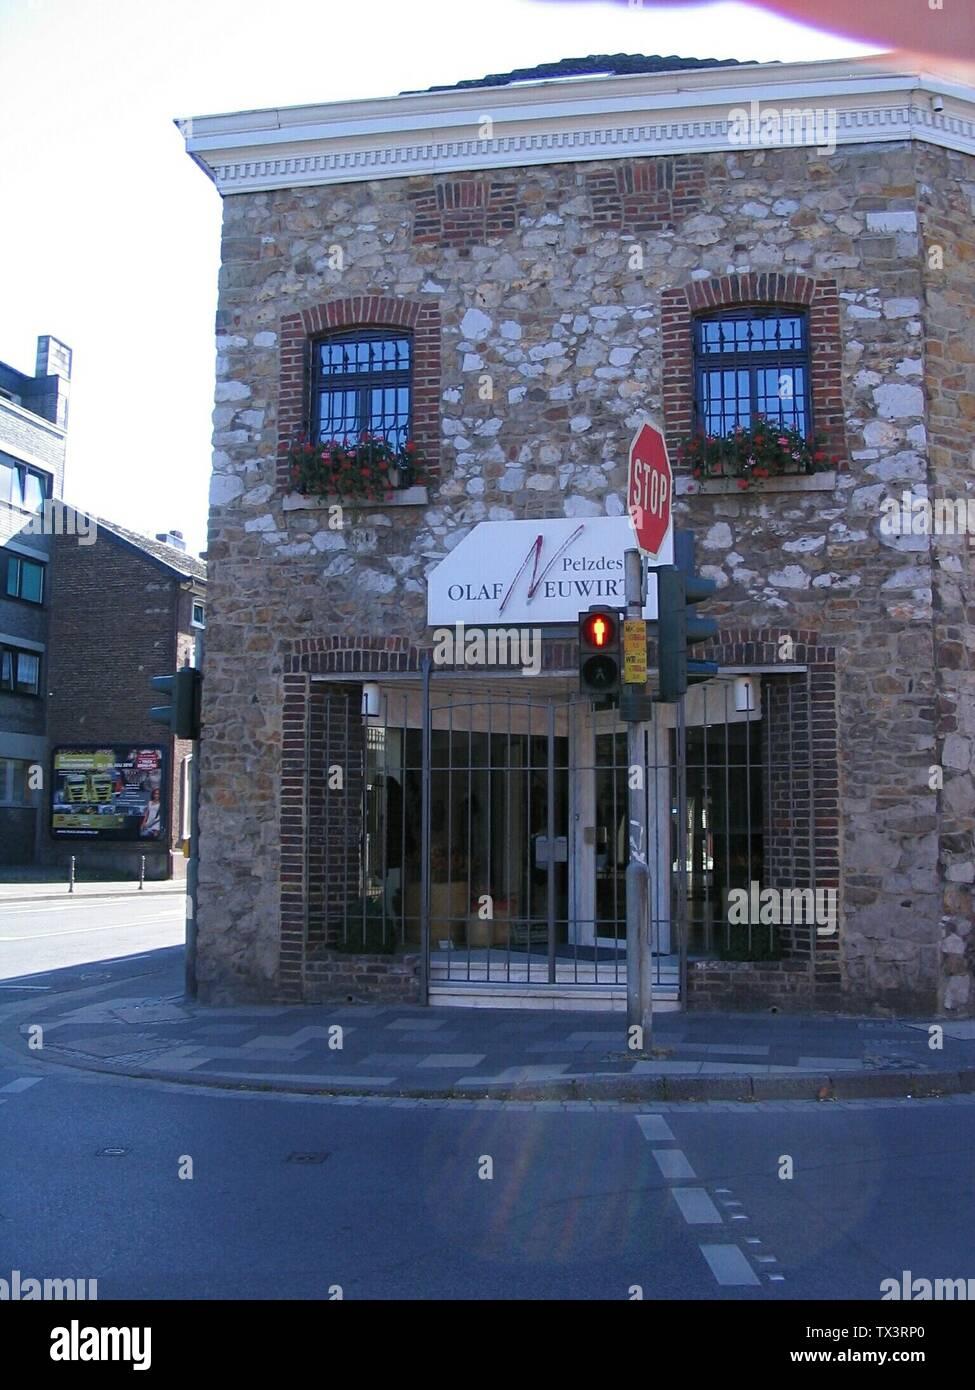 Von-Coels-Straße 151 (denkmalgeschütztes Gebäude), Ecke Steinstraße, 52080 Aachen-Eilendorf Pelzdesign Olaf Neuwirth, Kürschnermeister Olaf Neuwirth und Christine Neuwirth; 18 July 2010; Own work; Kürschner (talk) 12:55, 19 July 2010 (UTC); Stock Photo